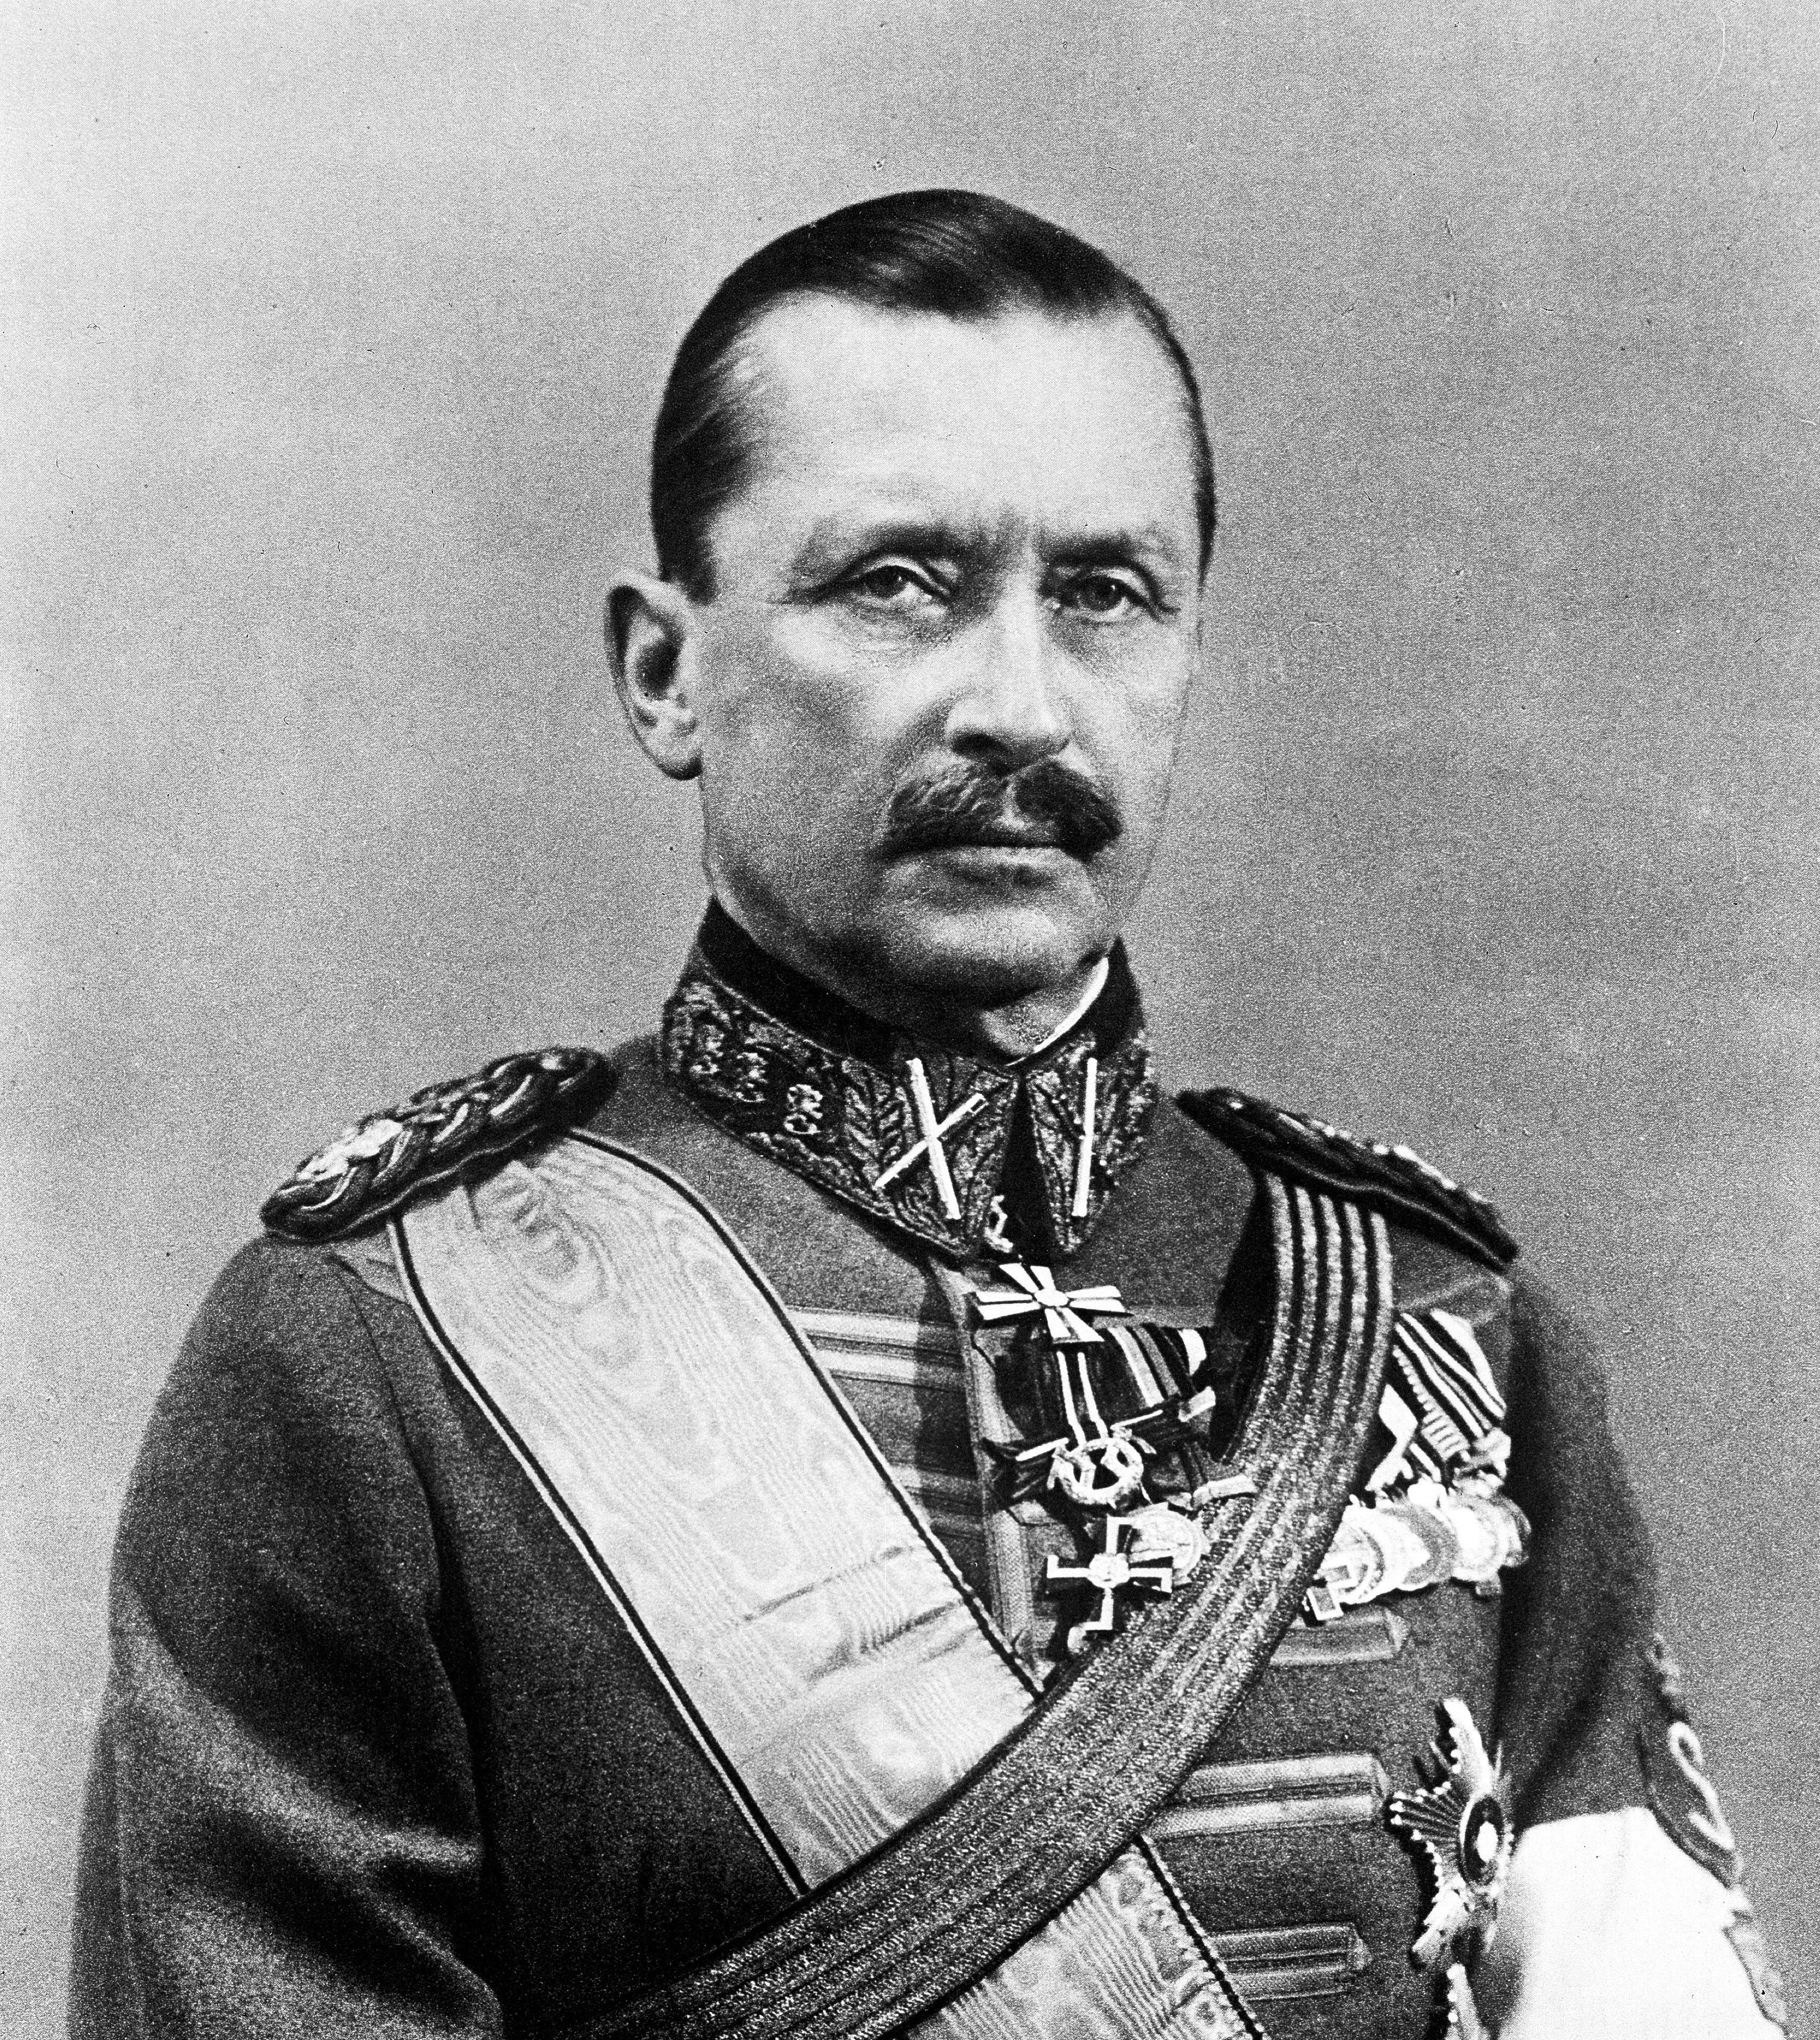 Depiction of Carl Gustaf Emil Mannerheim